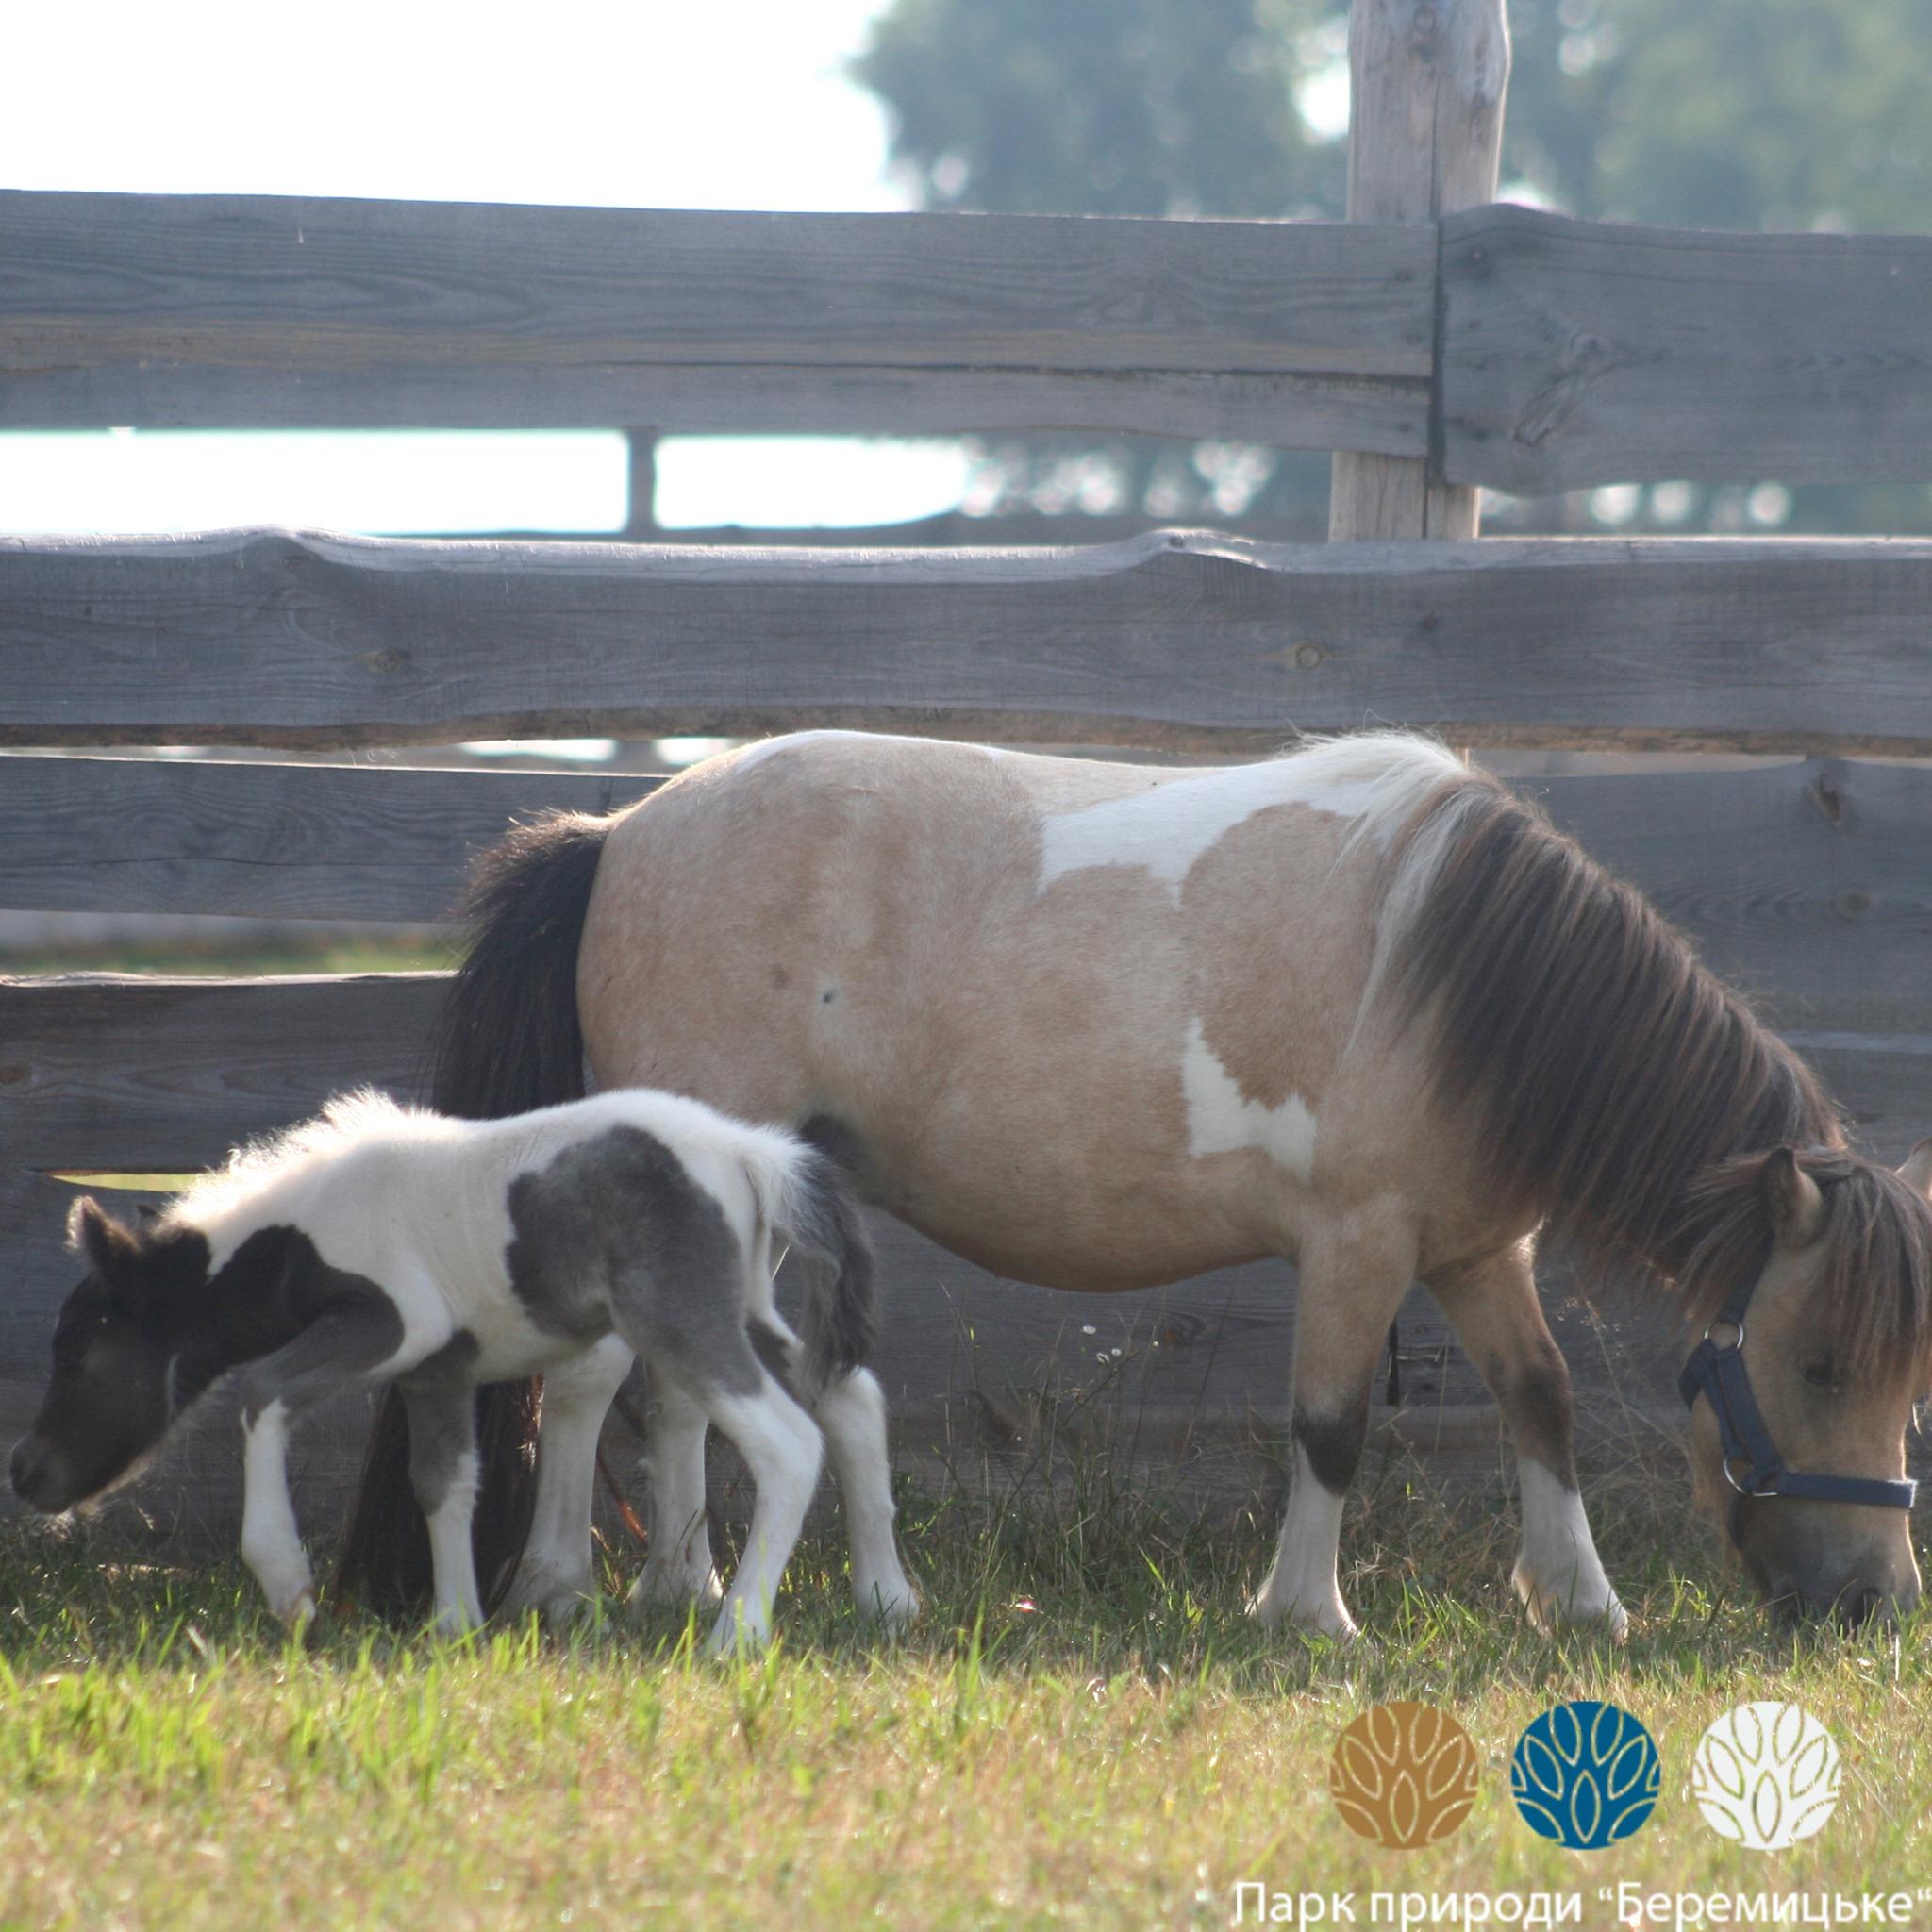 У Беремицькому в сімействі найменшої в світі породи коней народилося лошеня. ФОТО